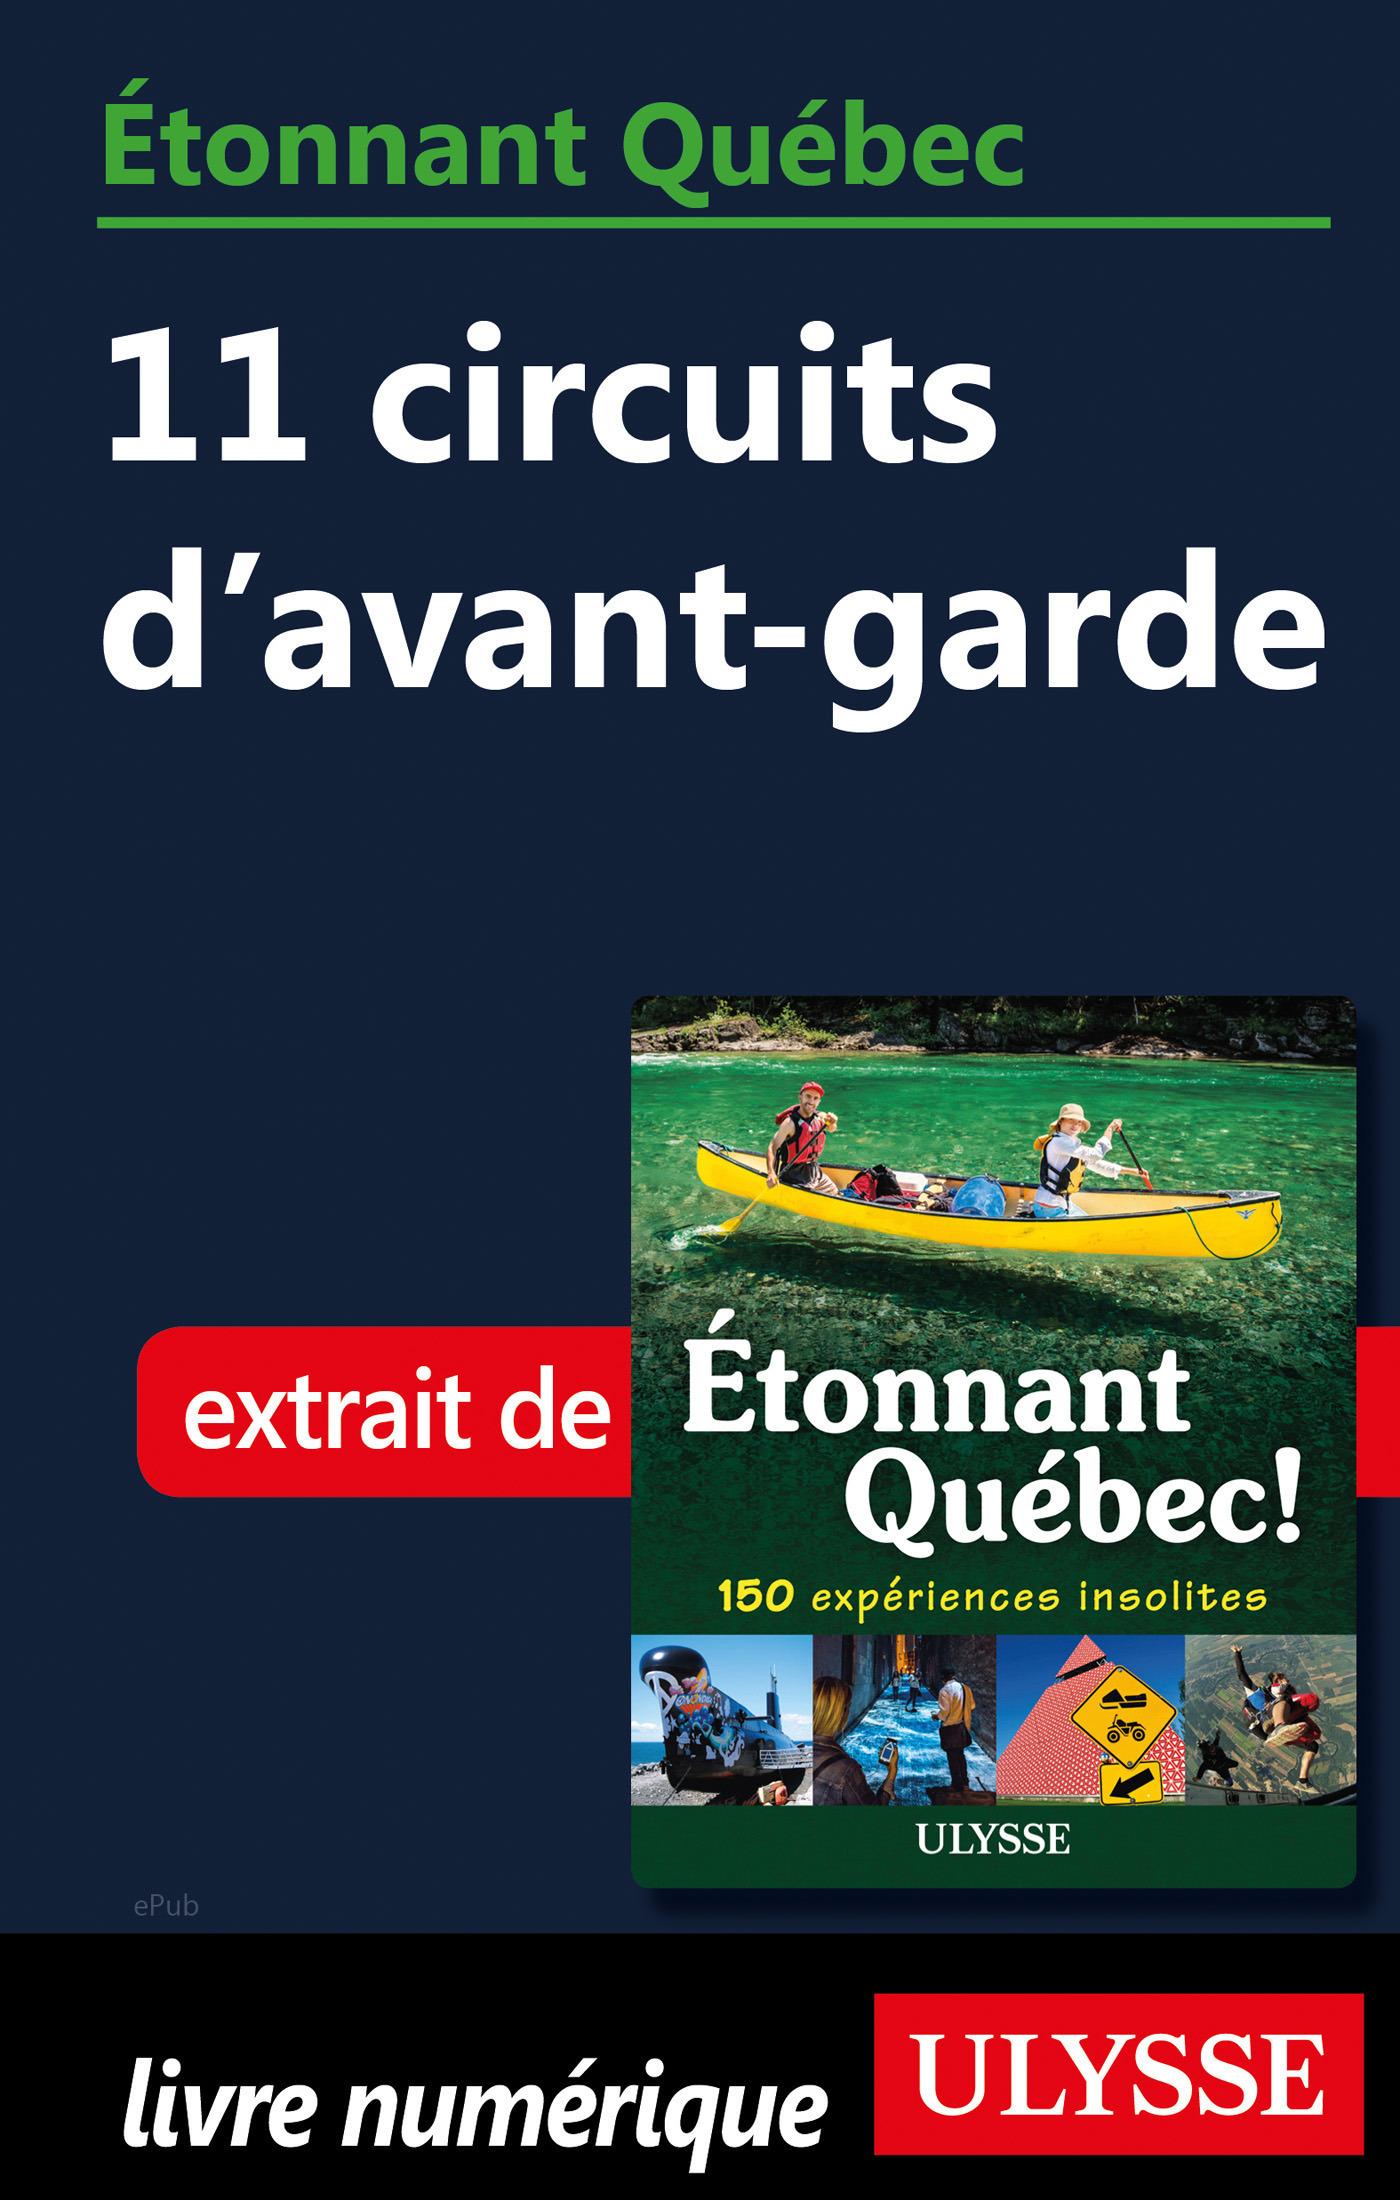 Etonnant Québec - 11 circuits d'avant-garde